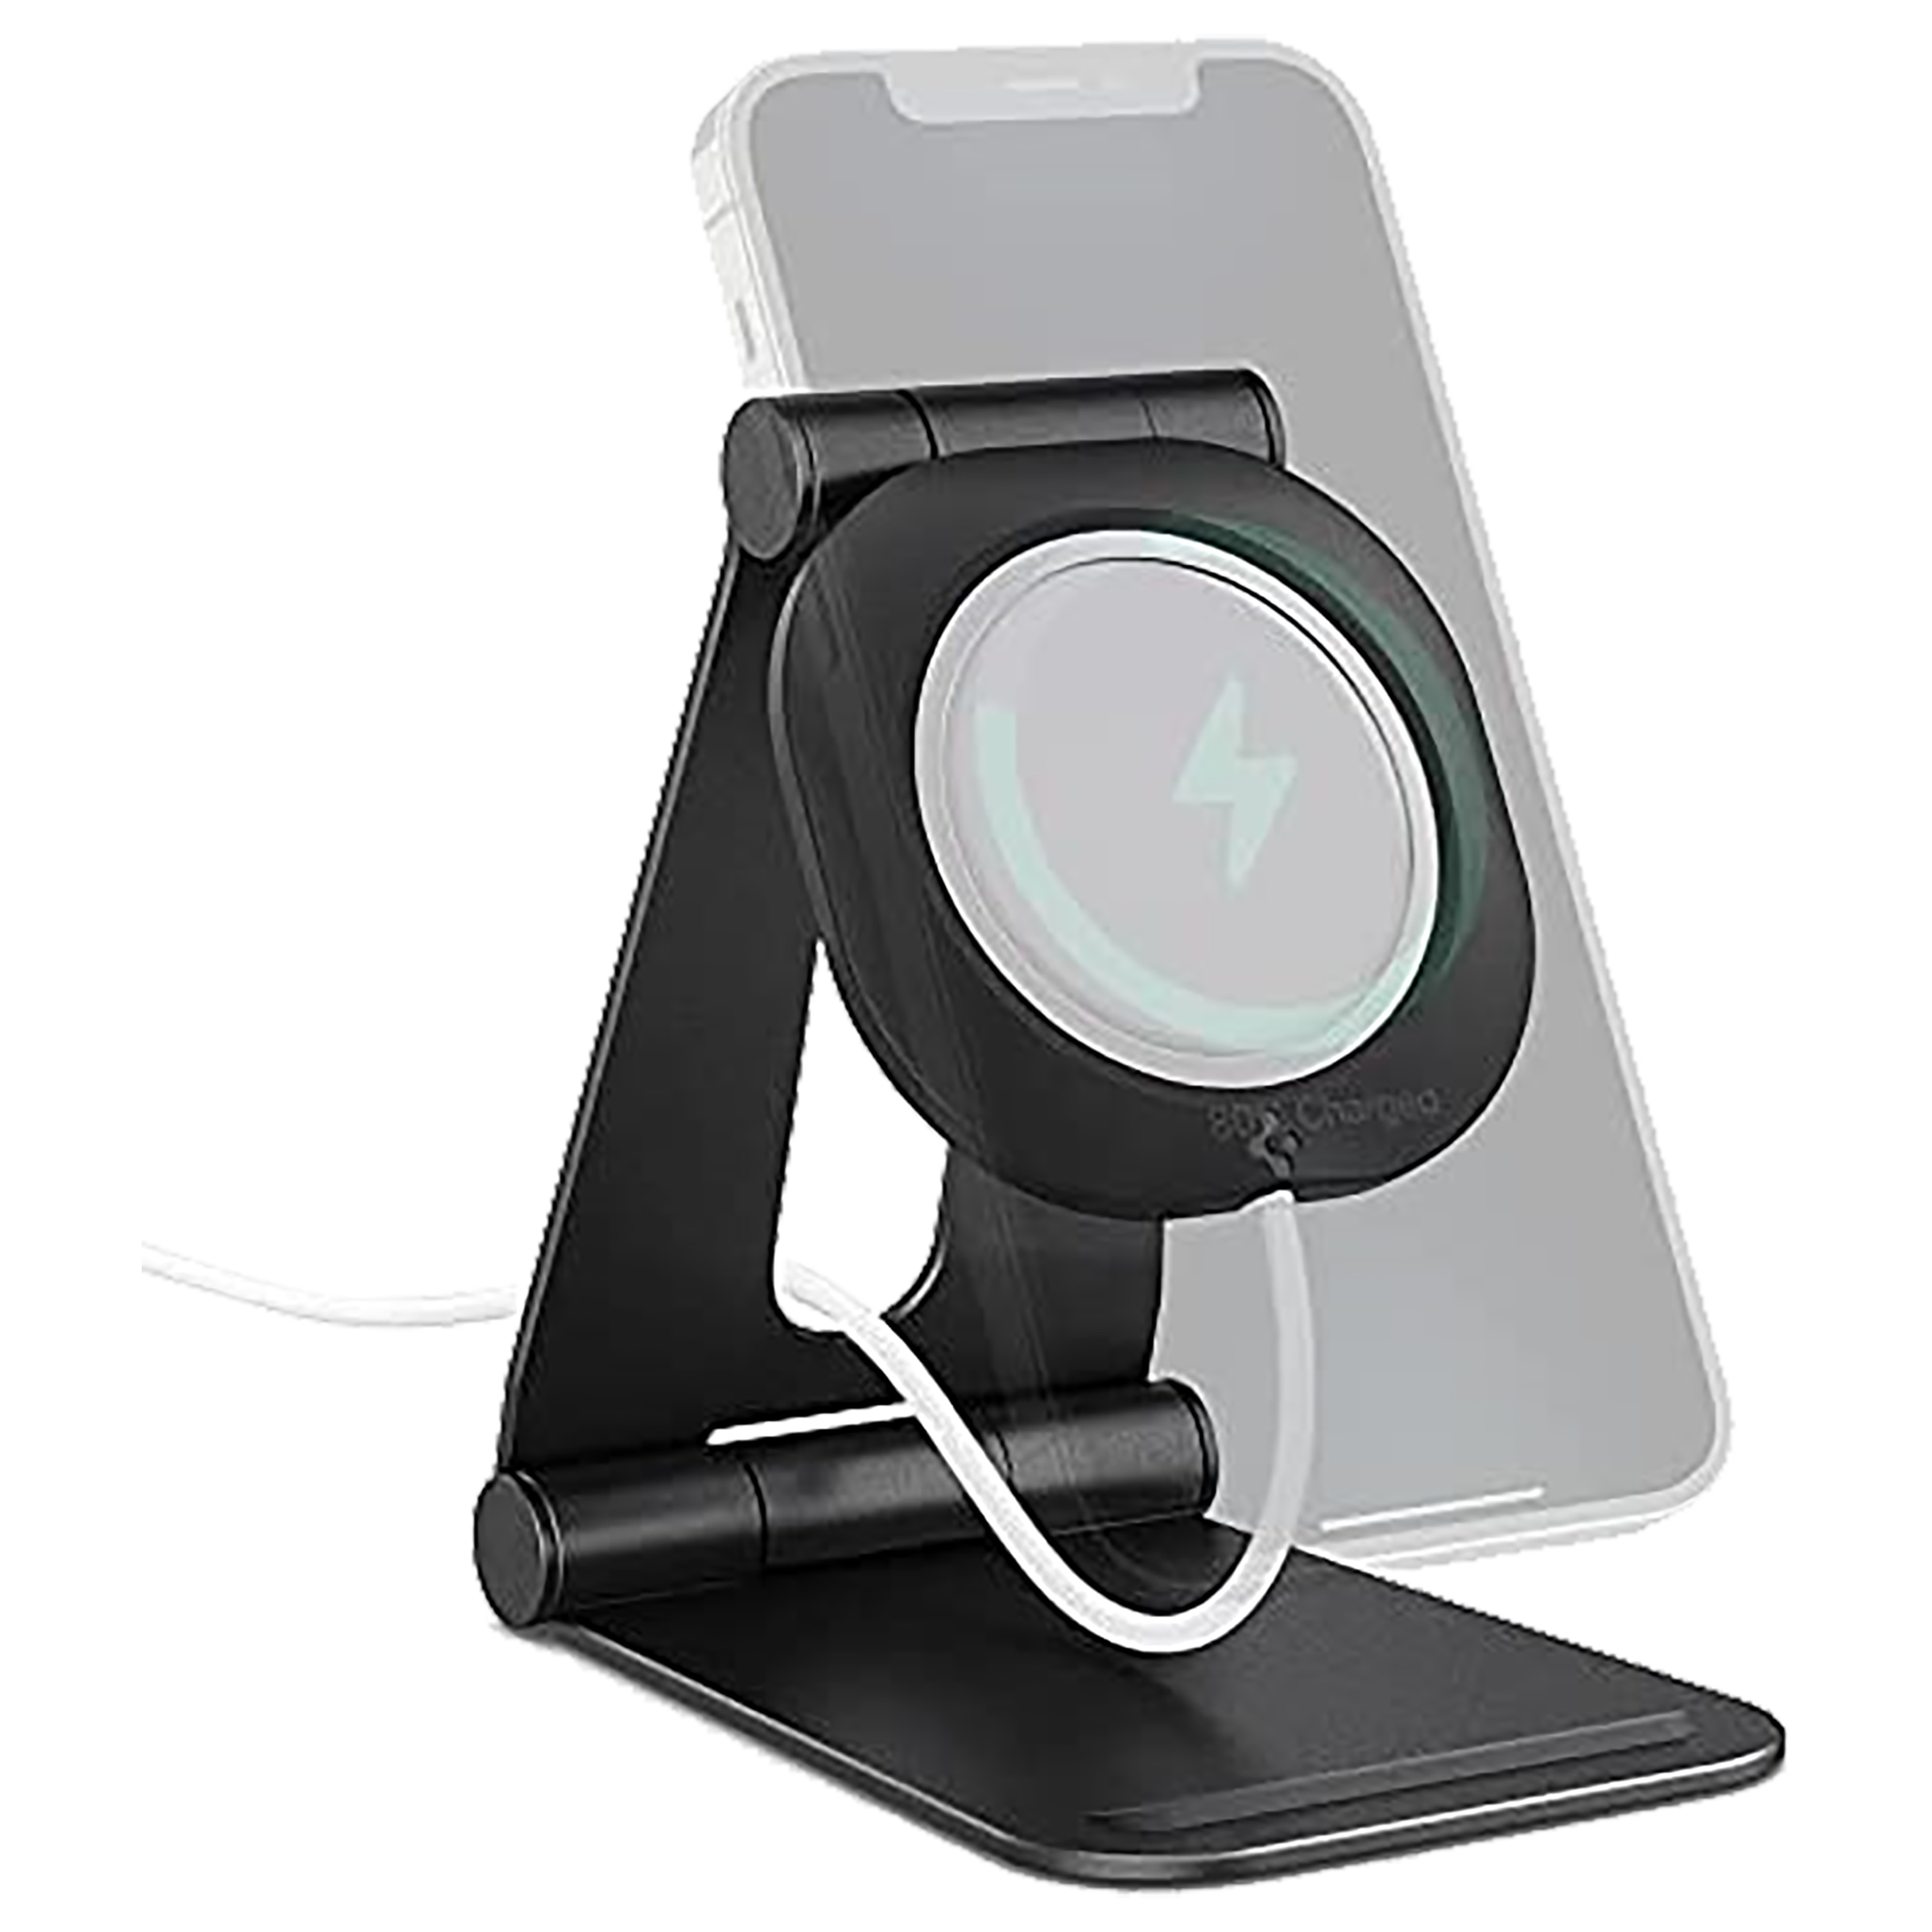 Spigen Stand For Smartphones - MagSafe Compatible (Adjustable Mounting Piece, AMP02672, Black)_1